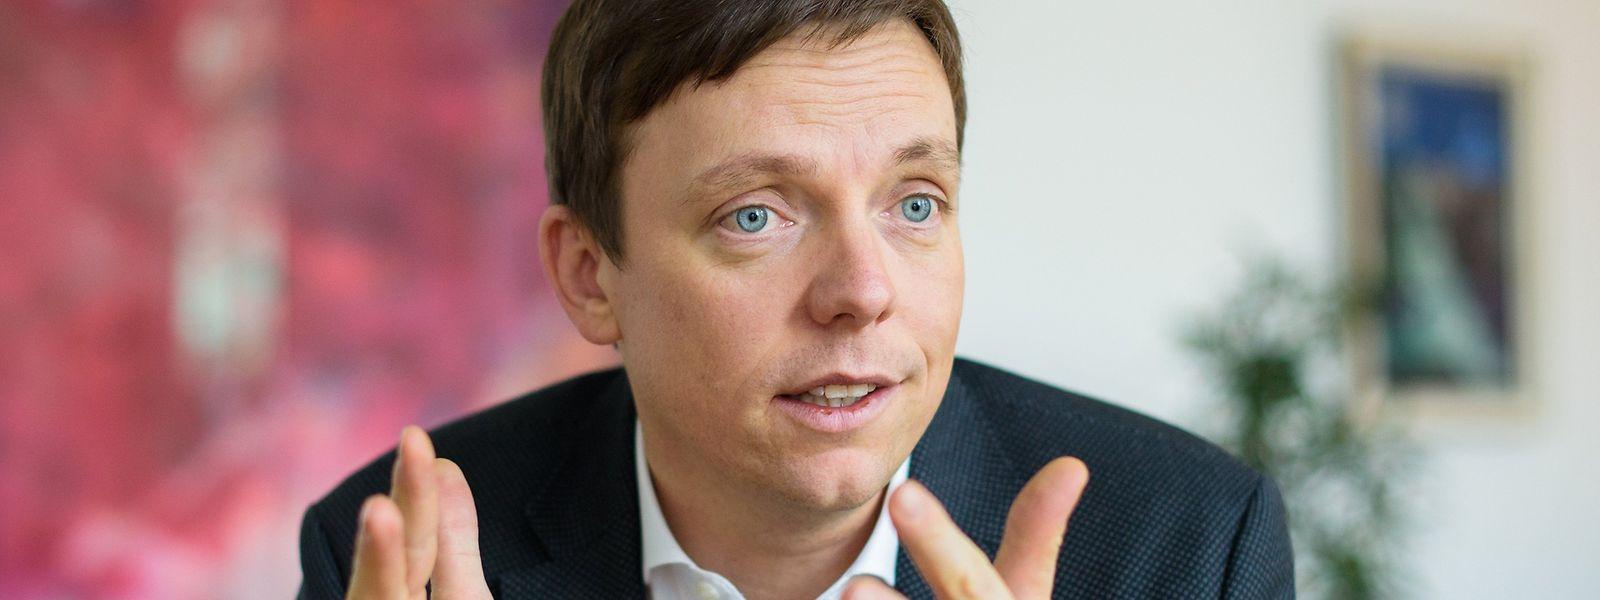 Tobias Hans s'inquiète d'une éventuelle propagation de la dernière mutation du virus au Luxembourg.